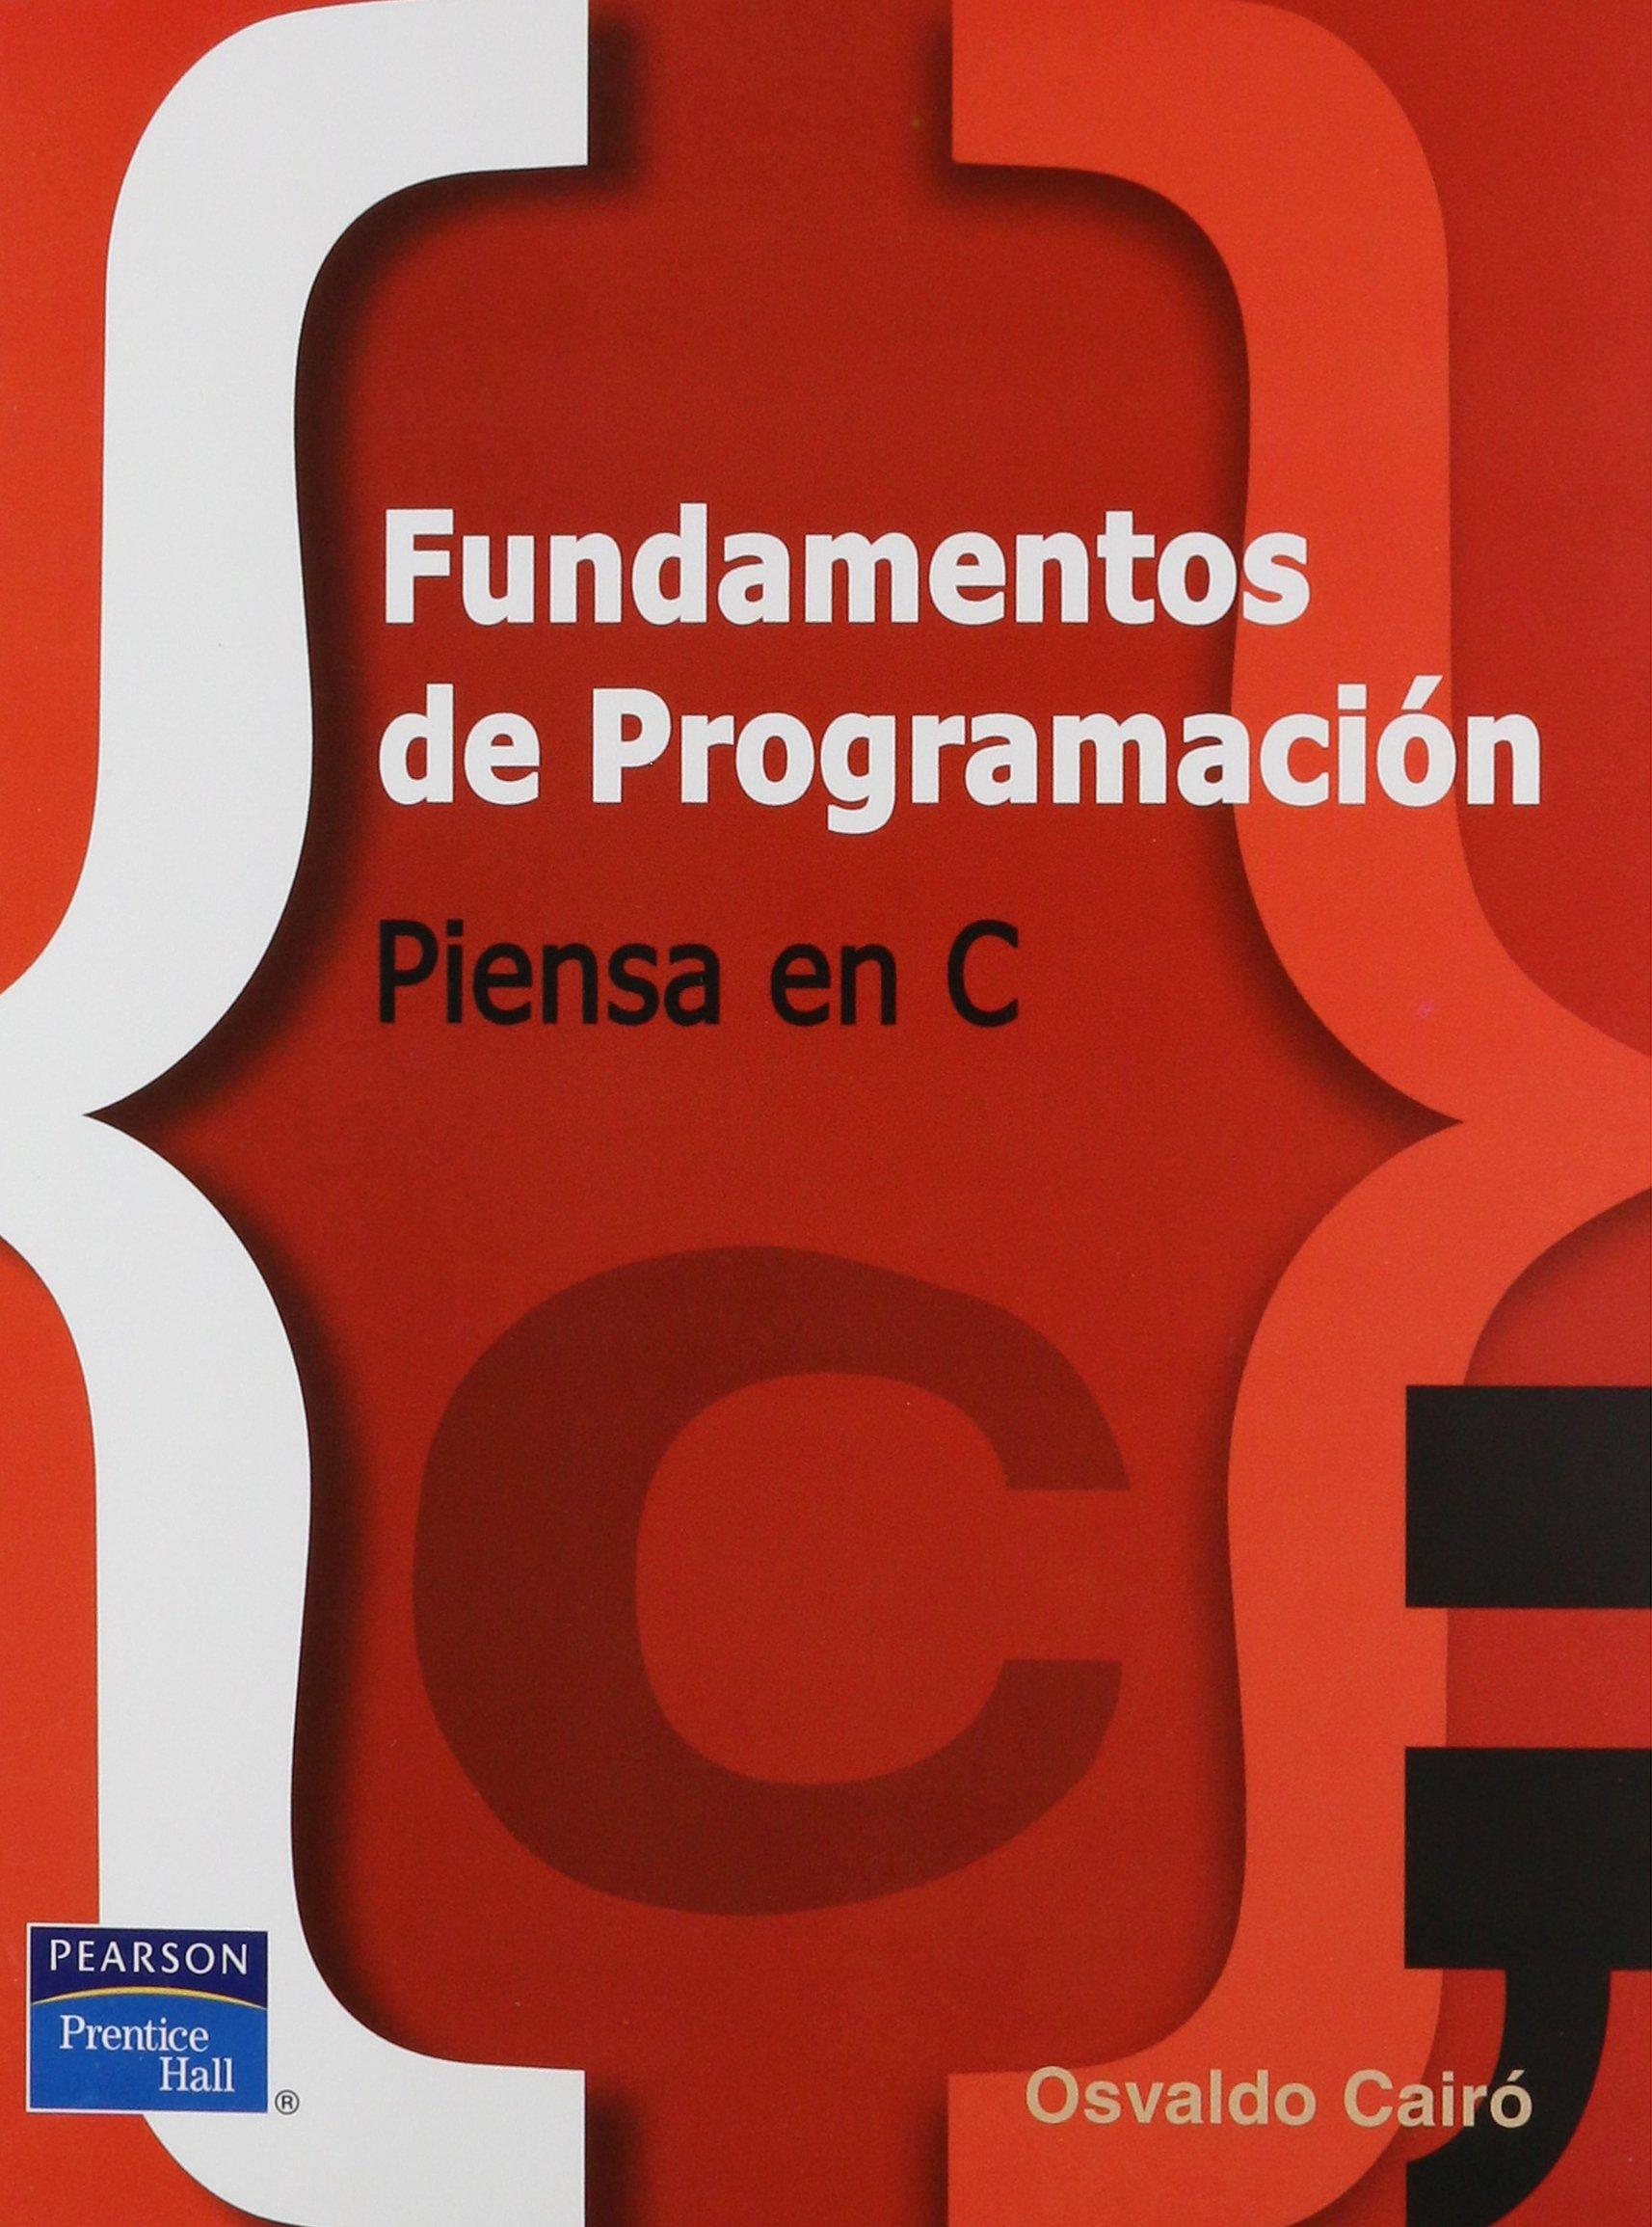 Download Fundamentos de Programacion, Piensa en C ebook